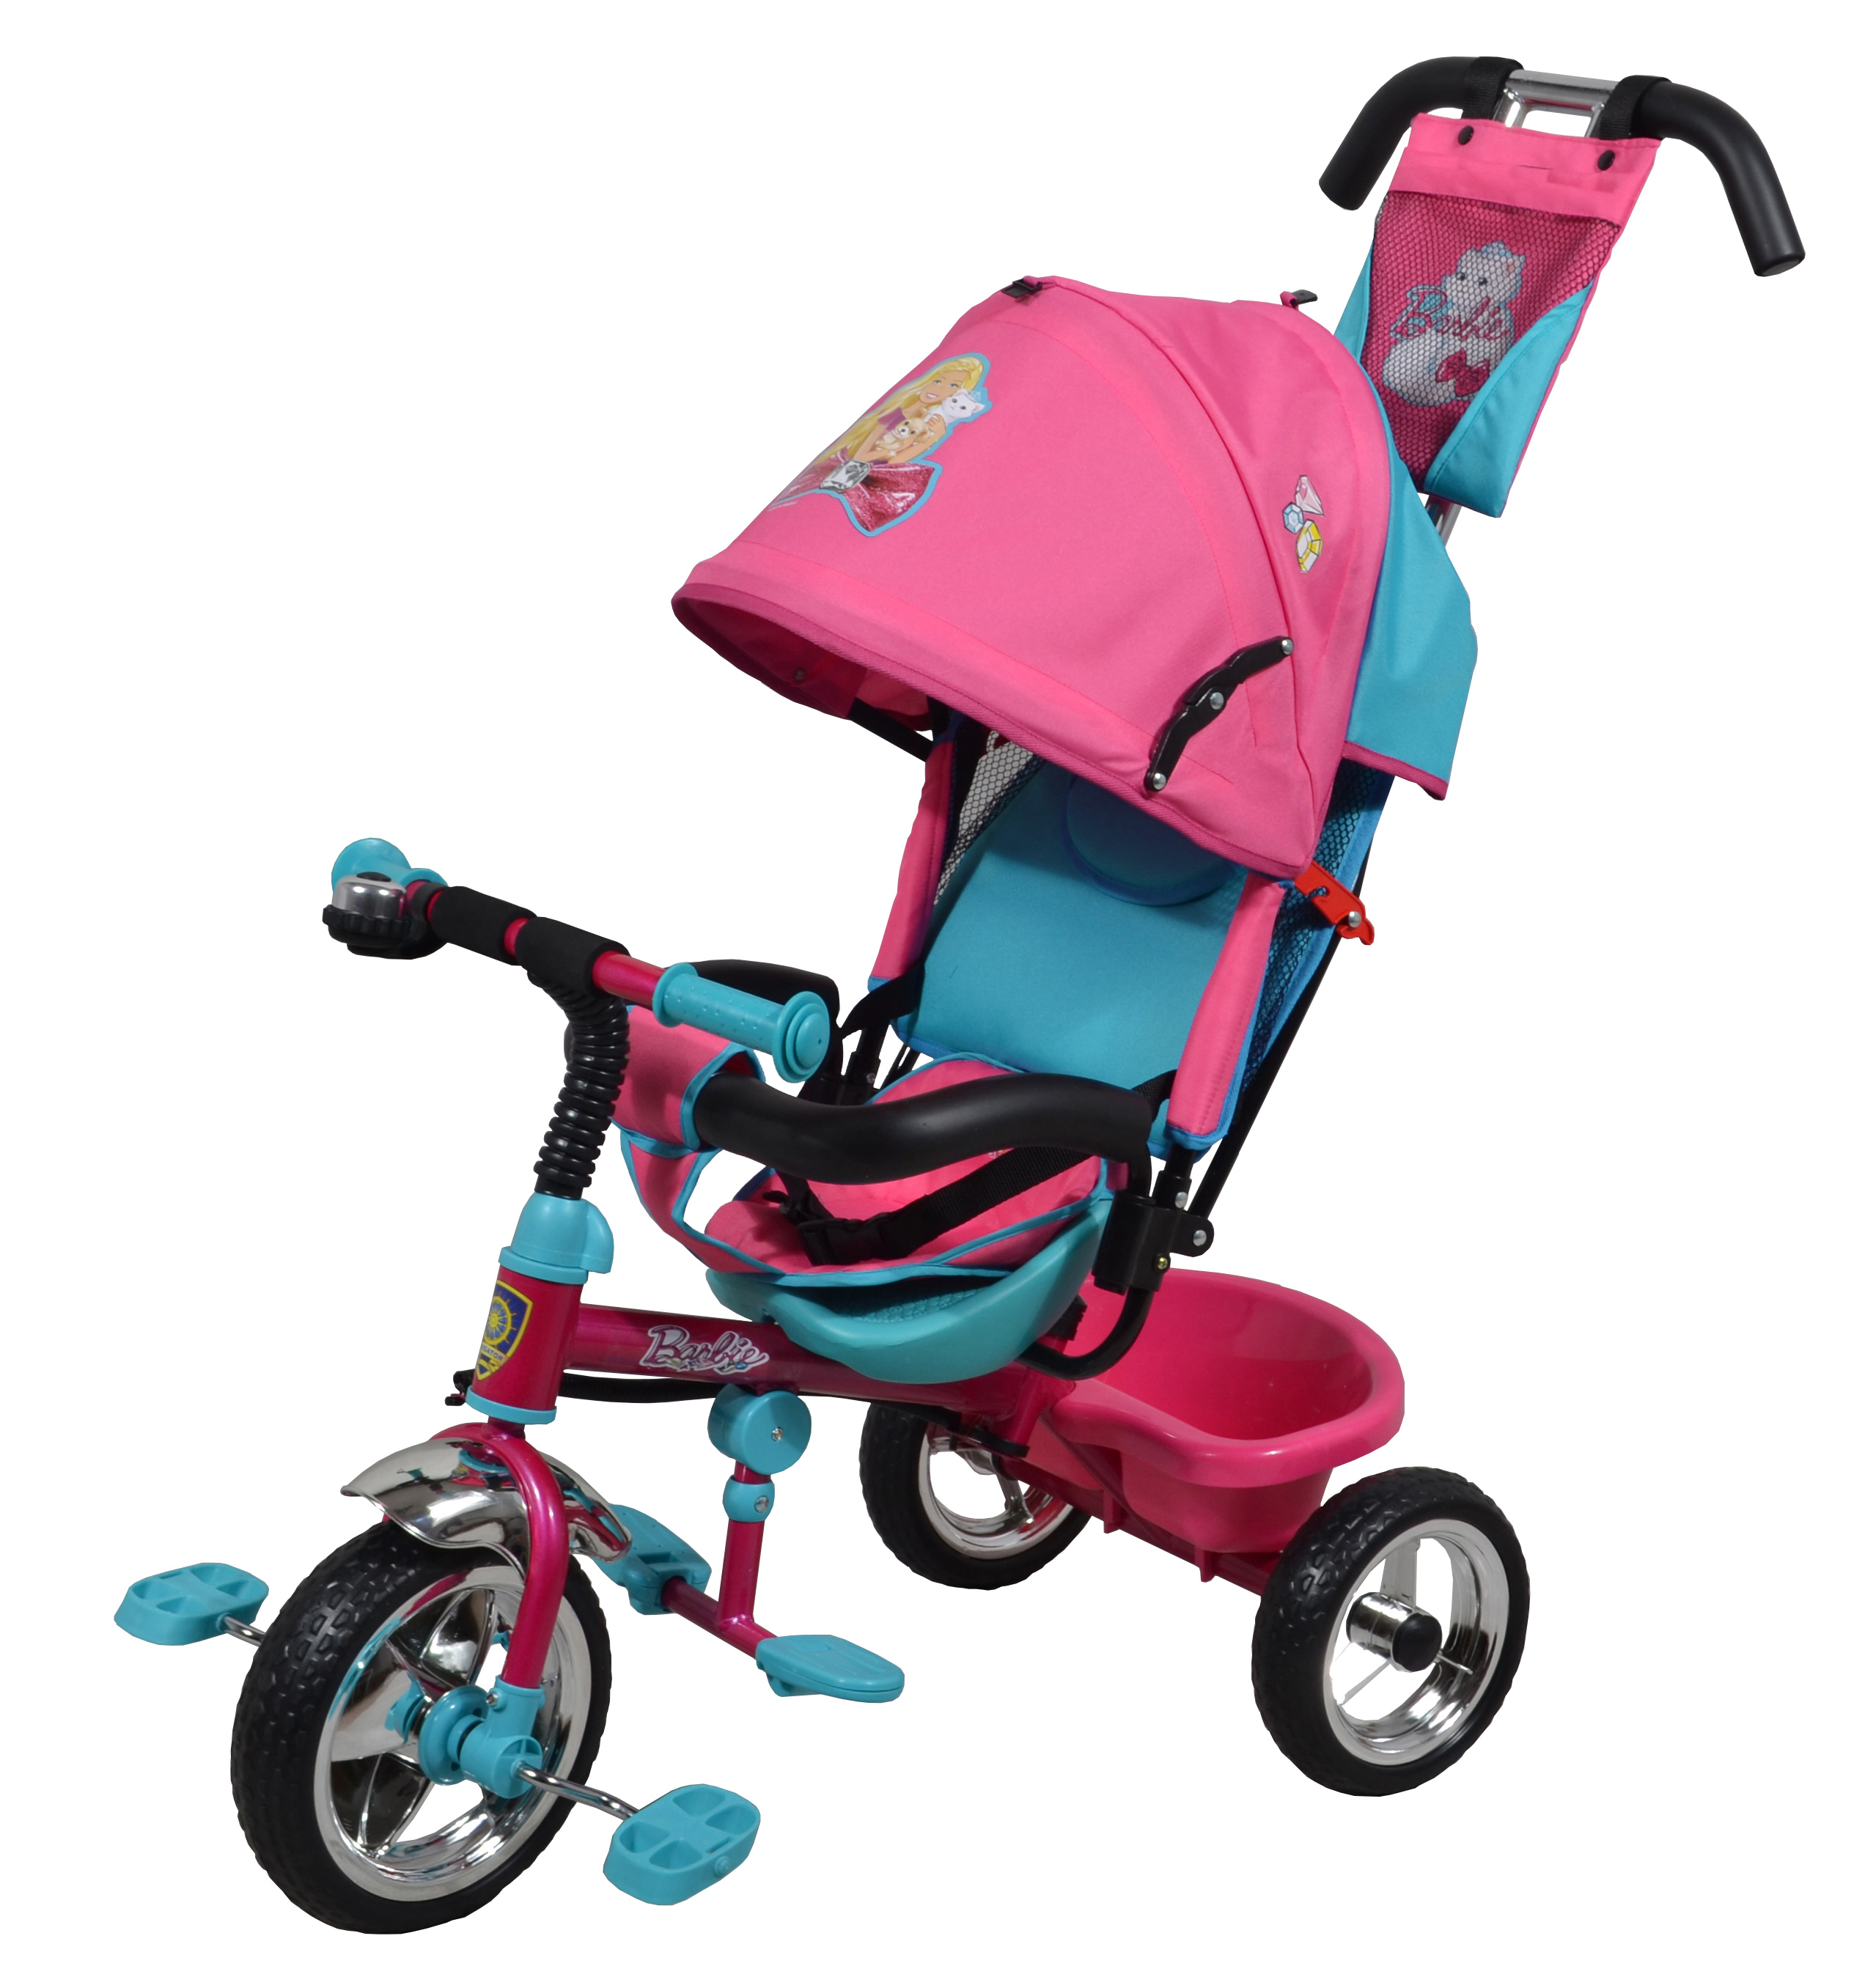 Популярная модель детского трехколесного велосипеда с ярким дизайном и популярной лицензией BARBIE. Велосипед снабжен ручкой управления для родителей.